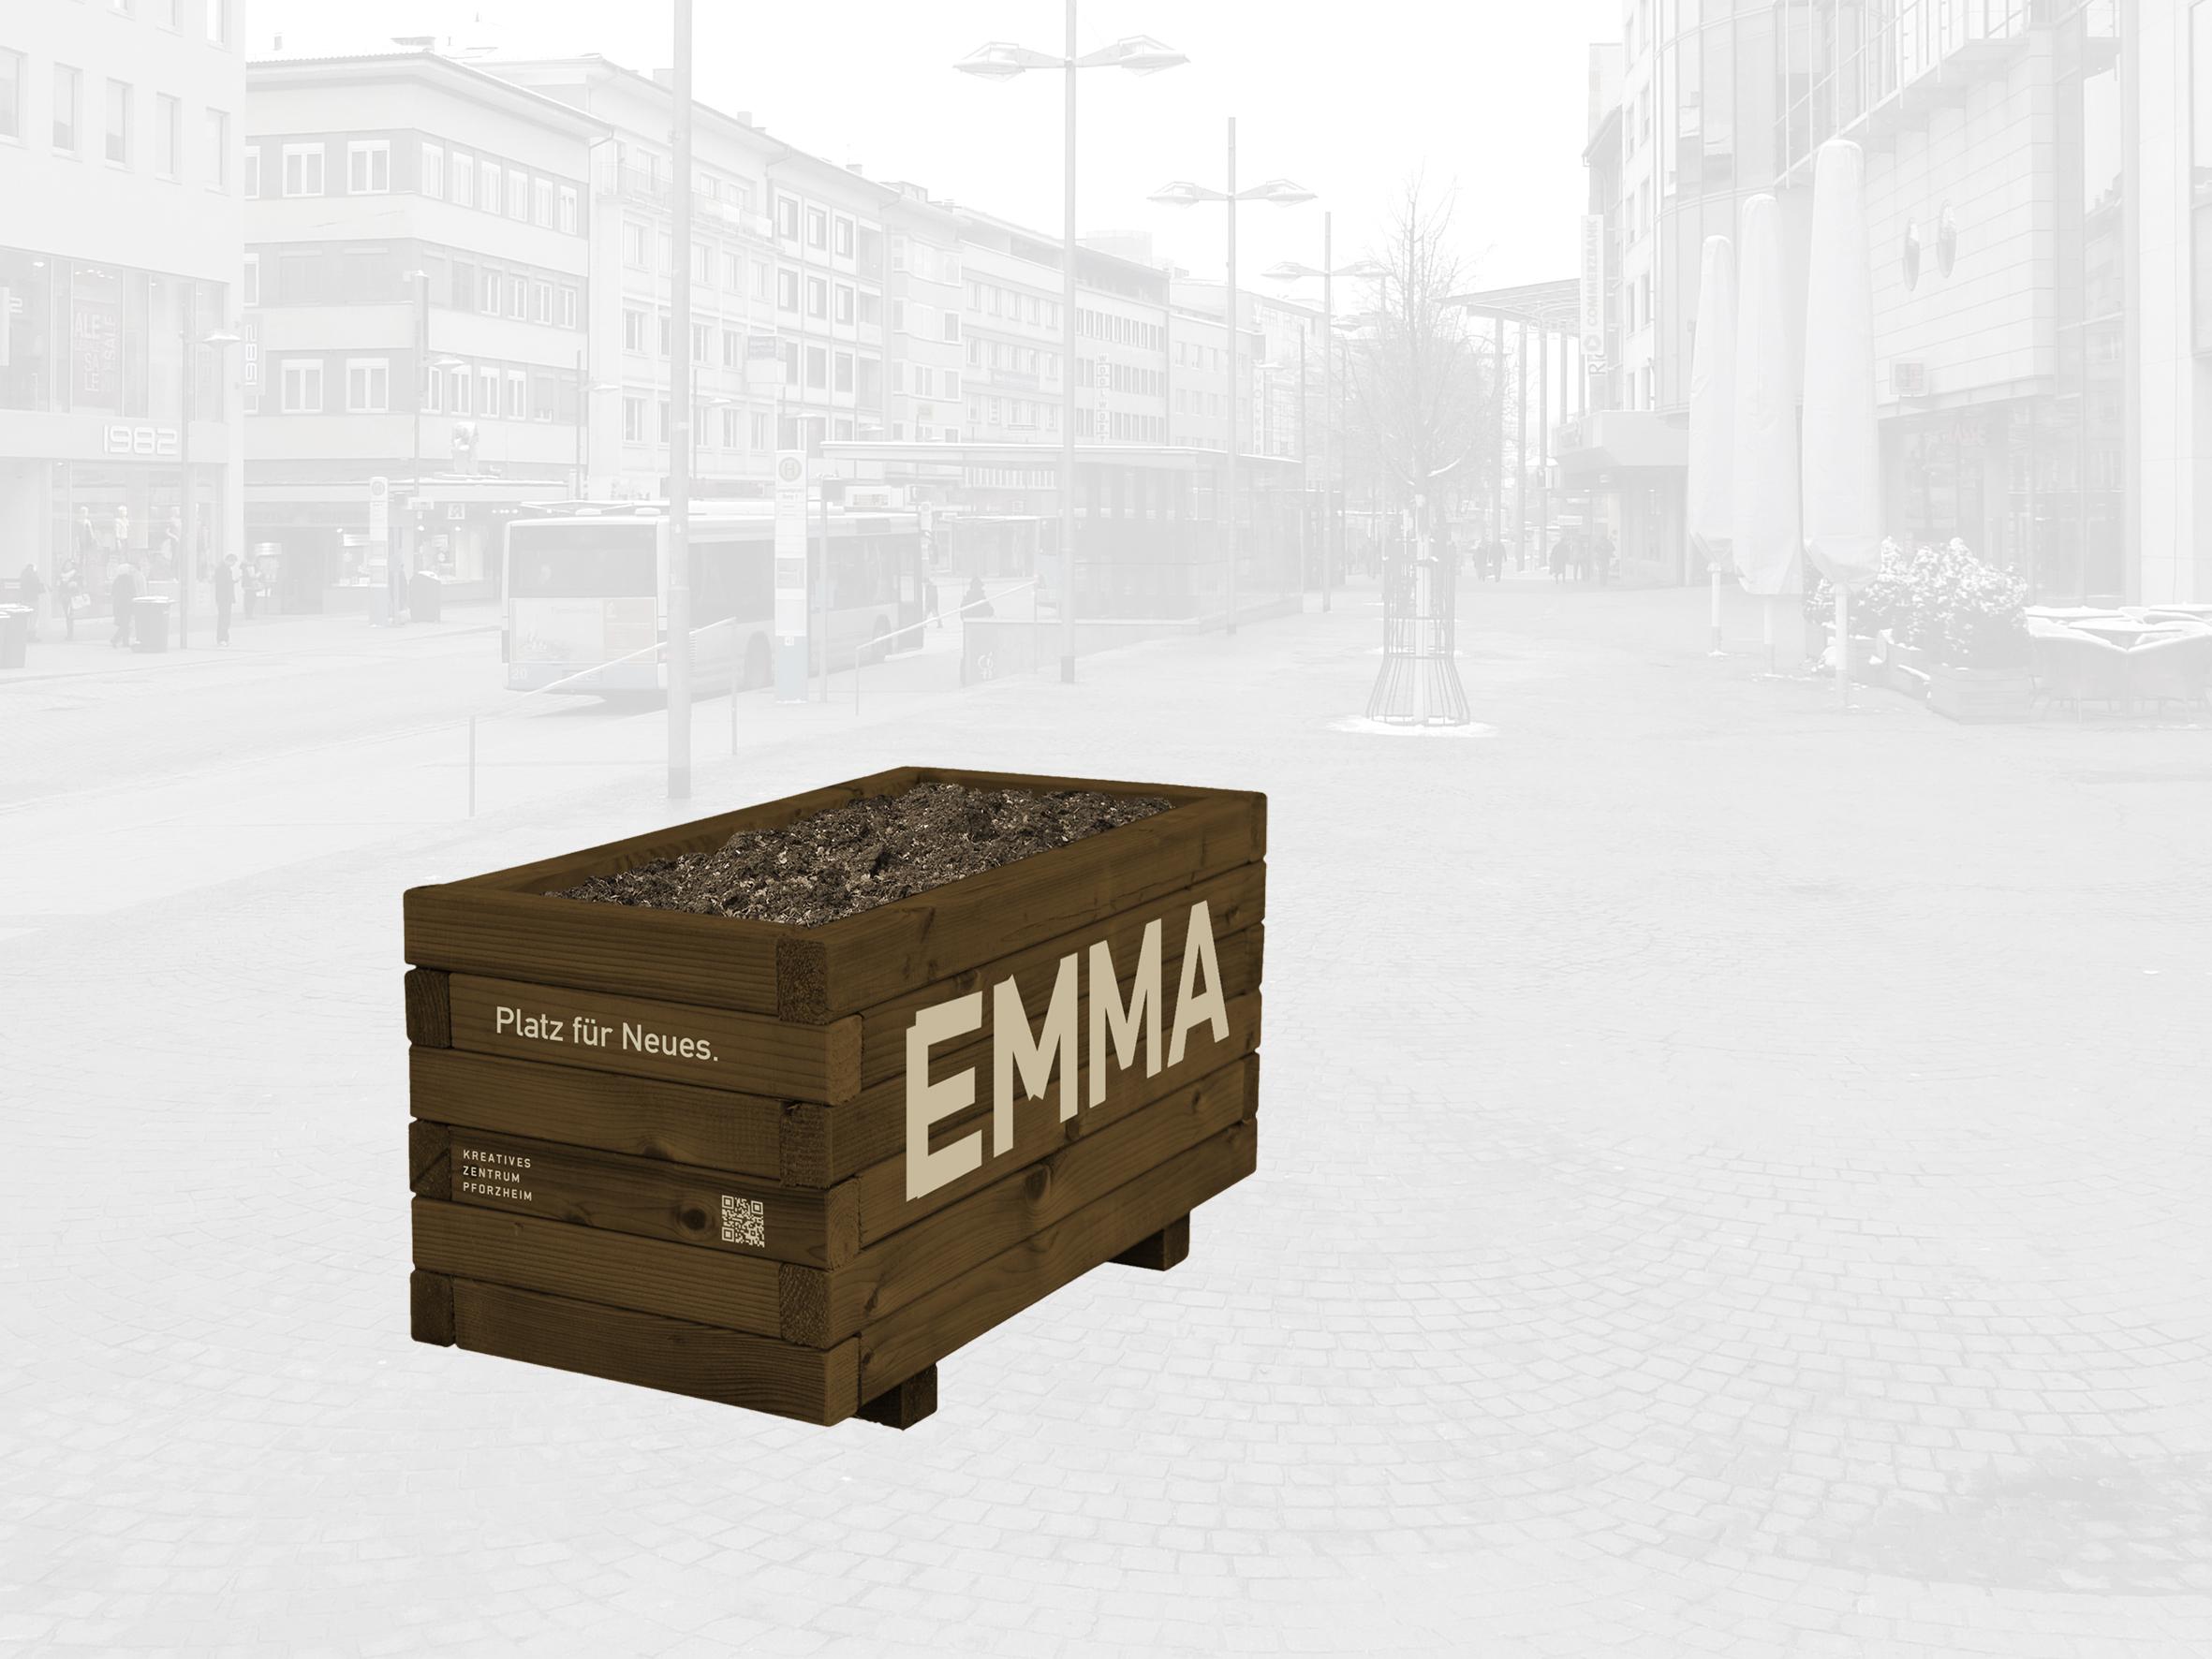 cobra-emma-pforzheim-kampagne-phase_1-blumenkasten